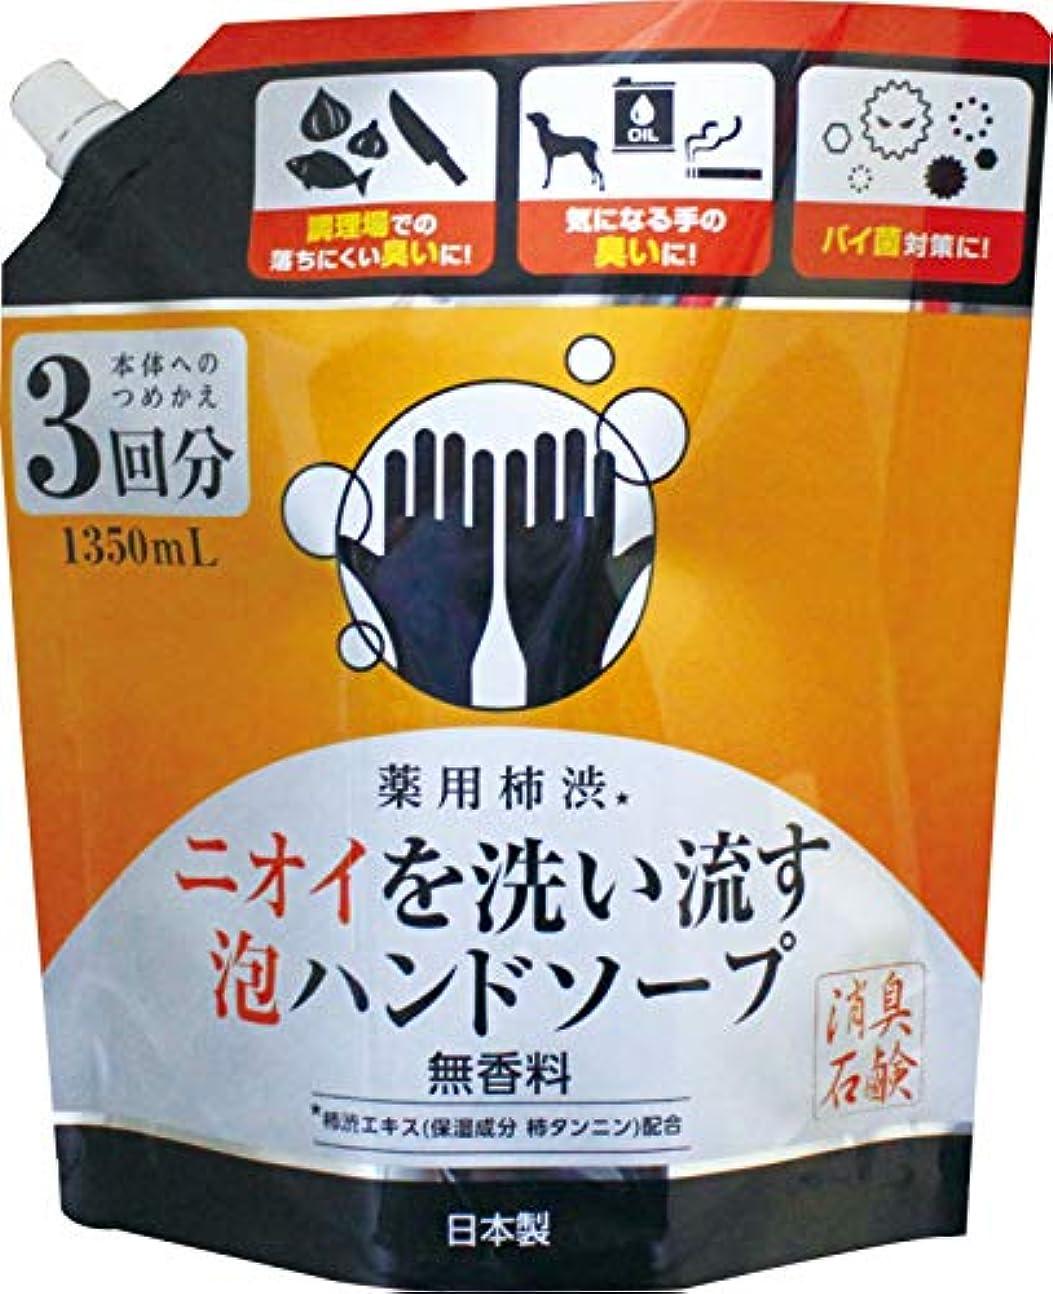 鳩ラフ睡眠最少薬用柿渋ニオイを洗い流す泡ハンドソープつめかえ大容量 詰替え用 1350ml